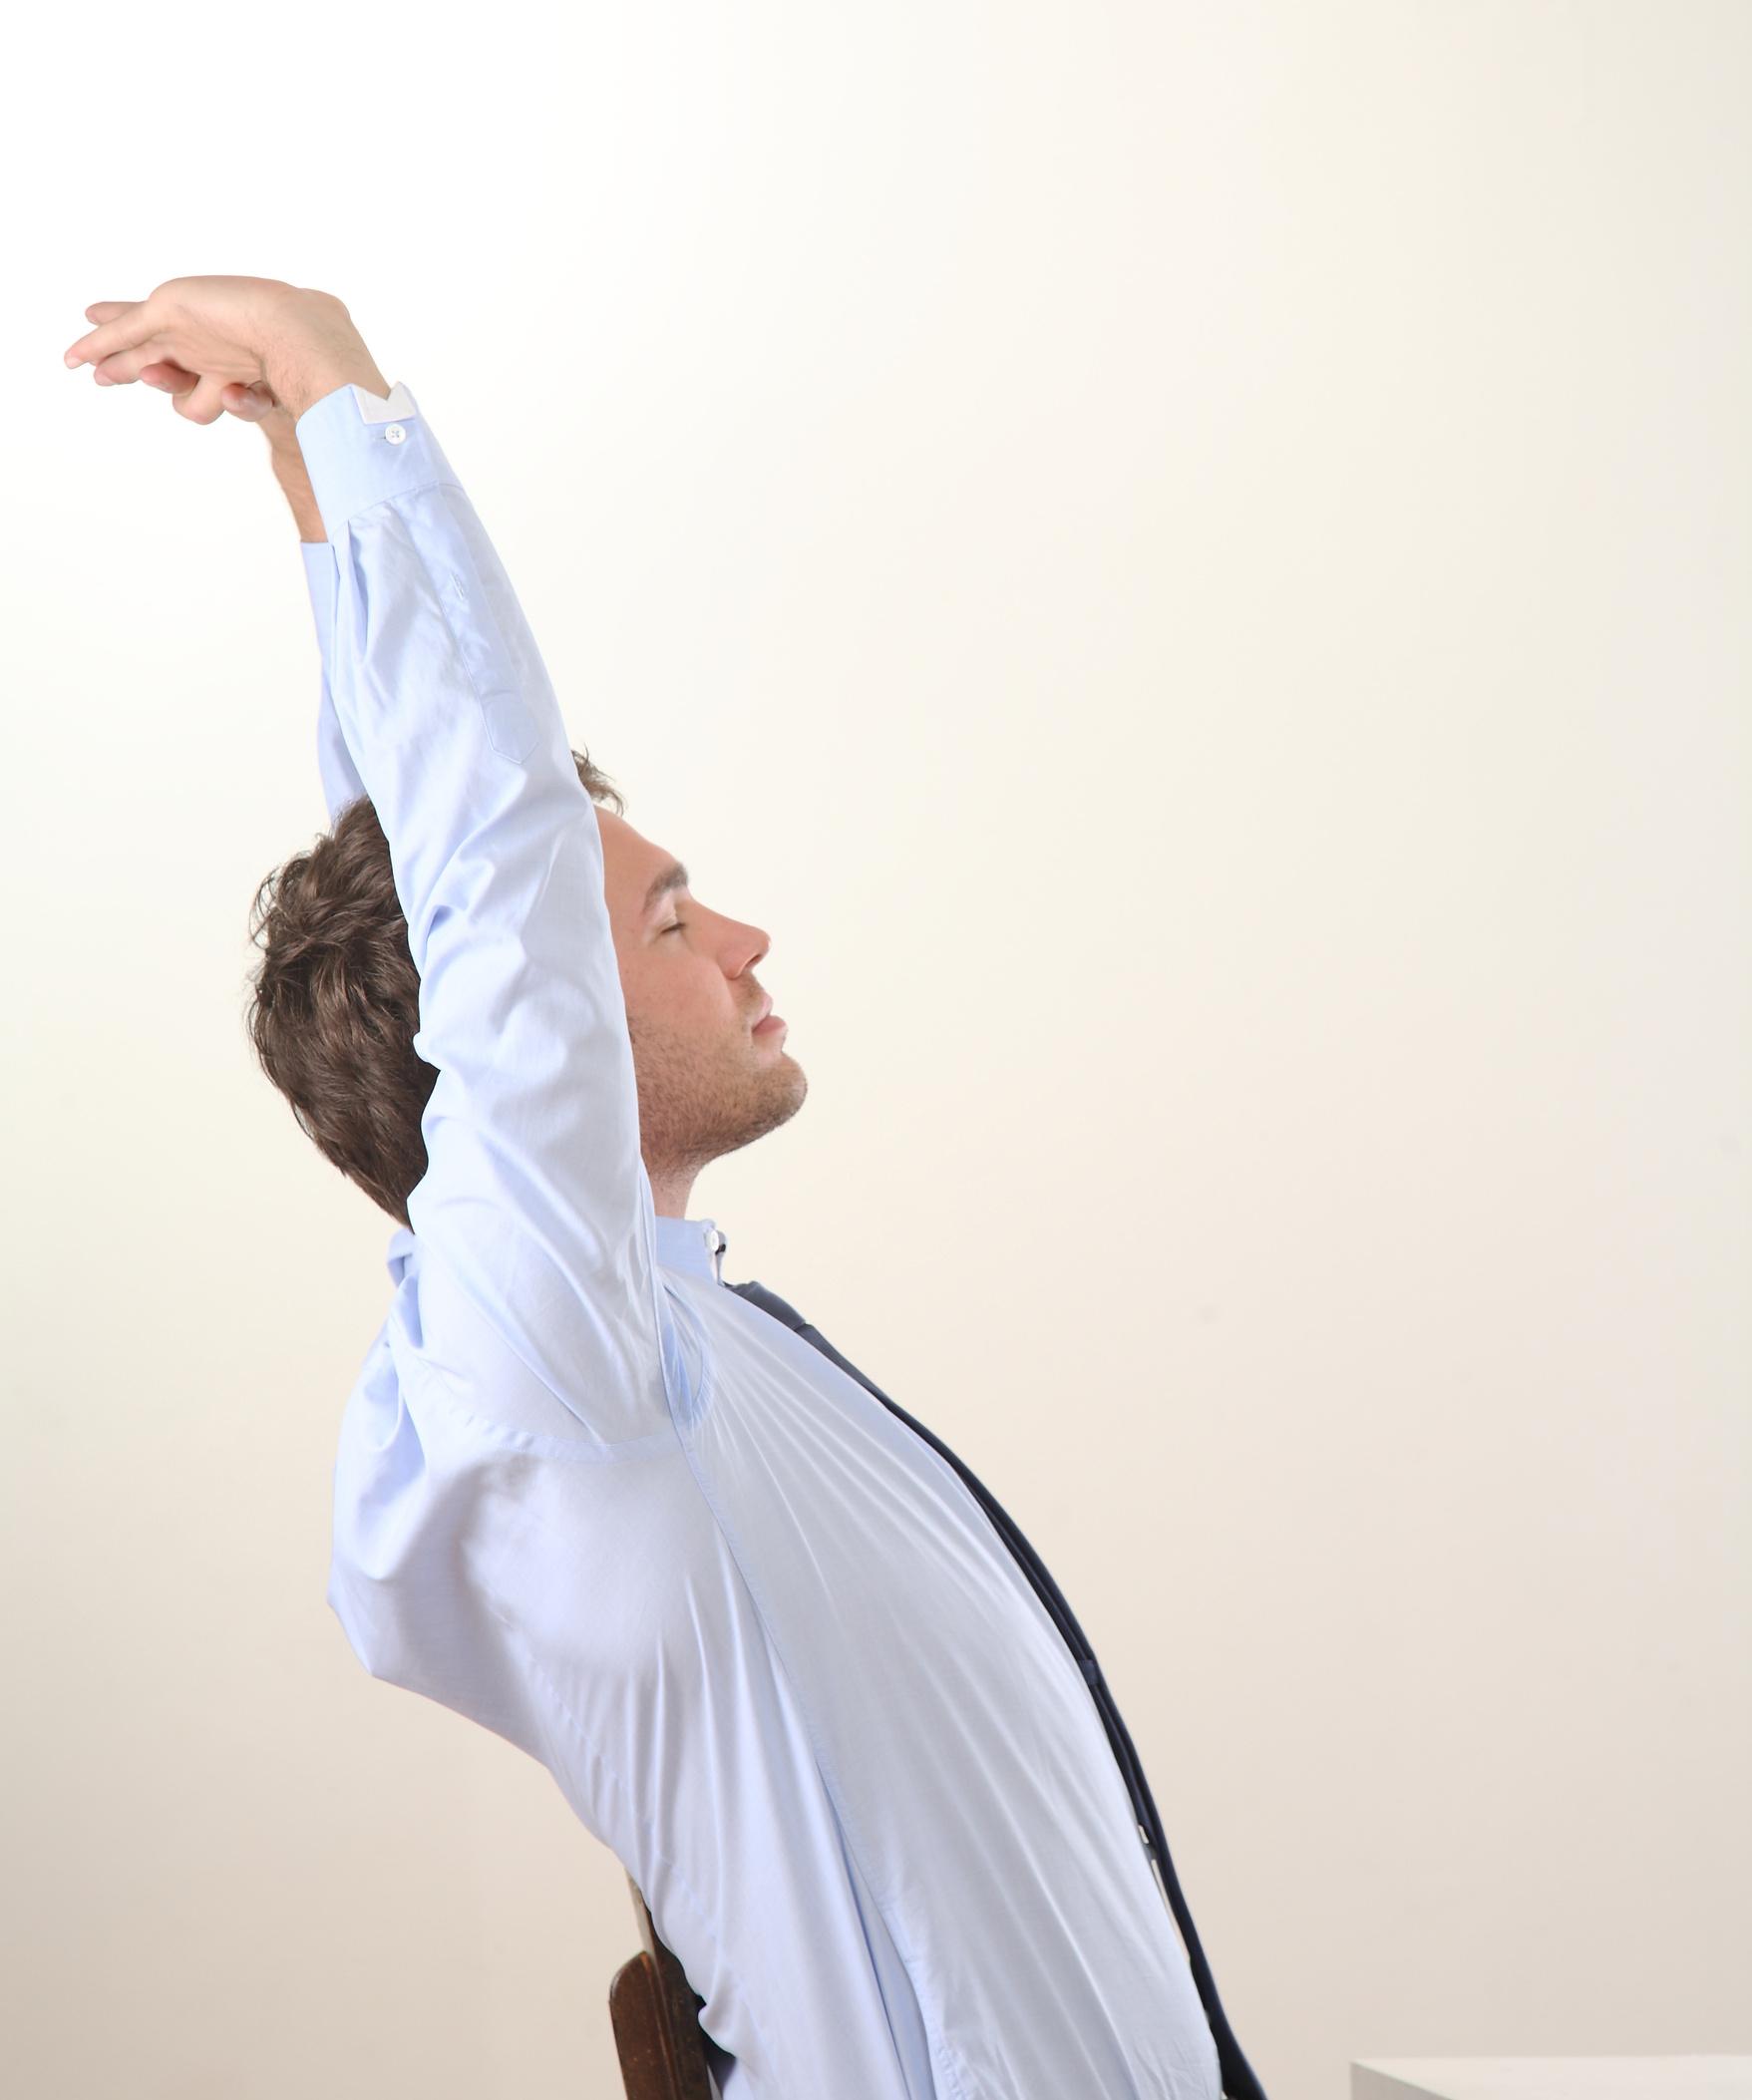 movimientos-repetitivos-prl ¿Cómo evitar los movimientos repetitivos?